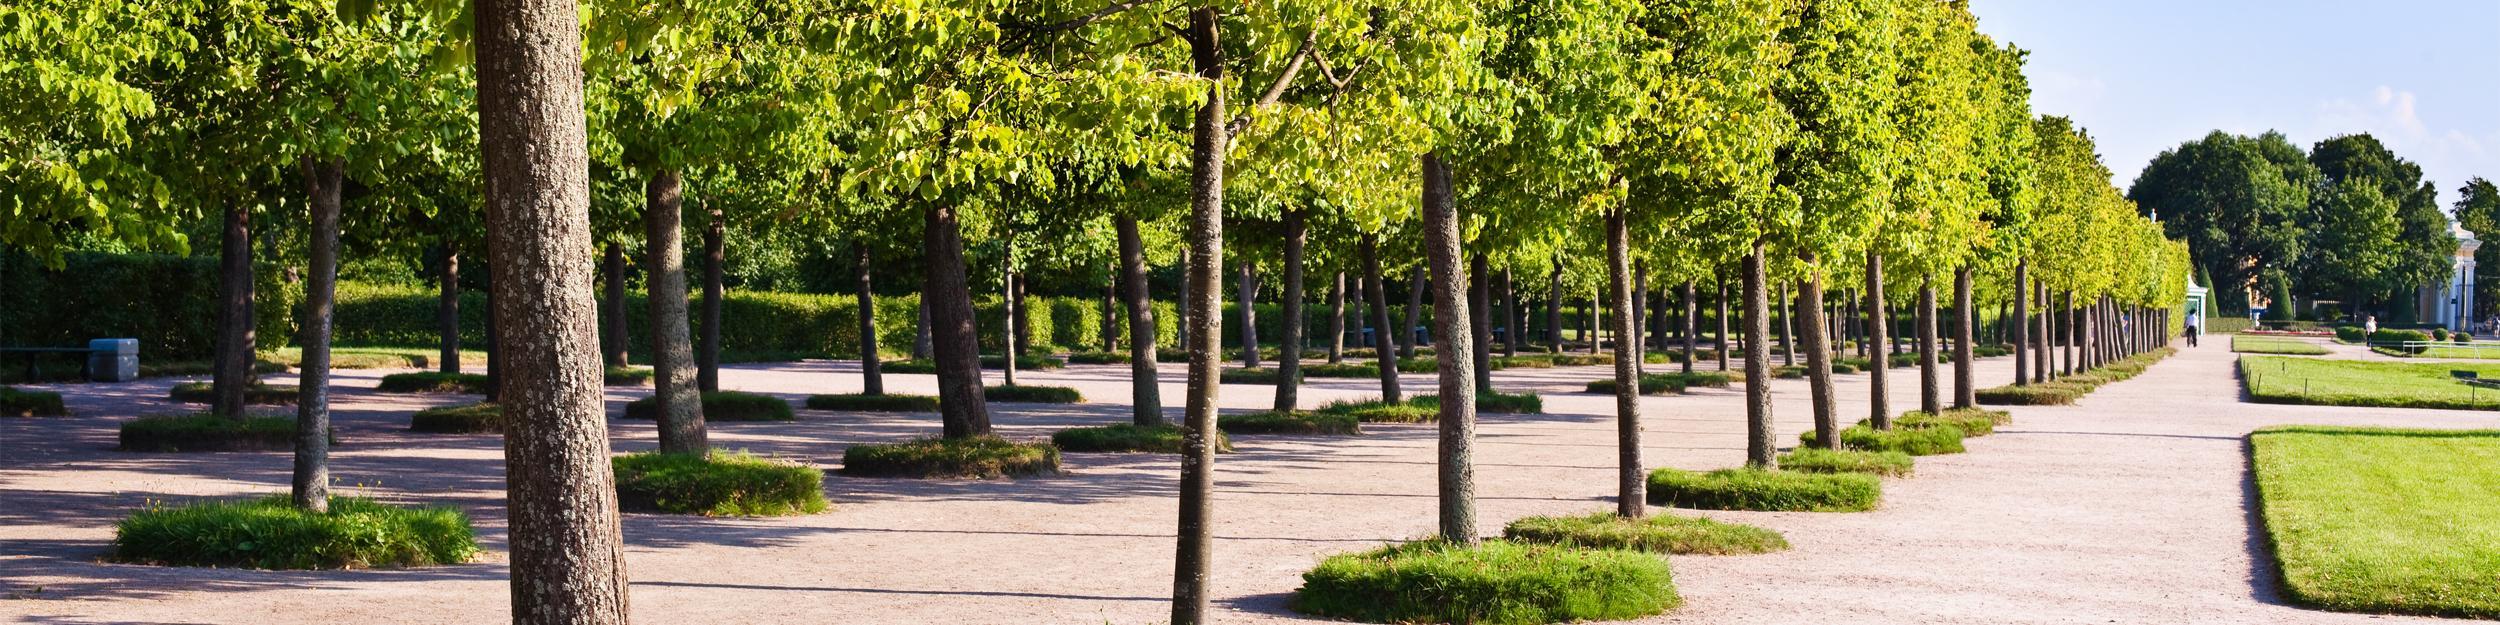 Tree Kits - Anchor Systems